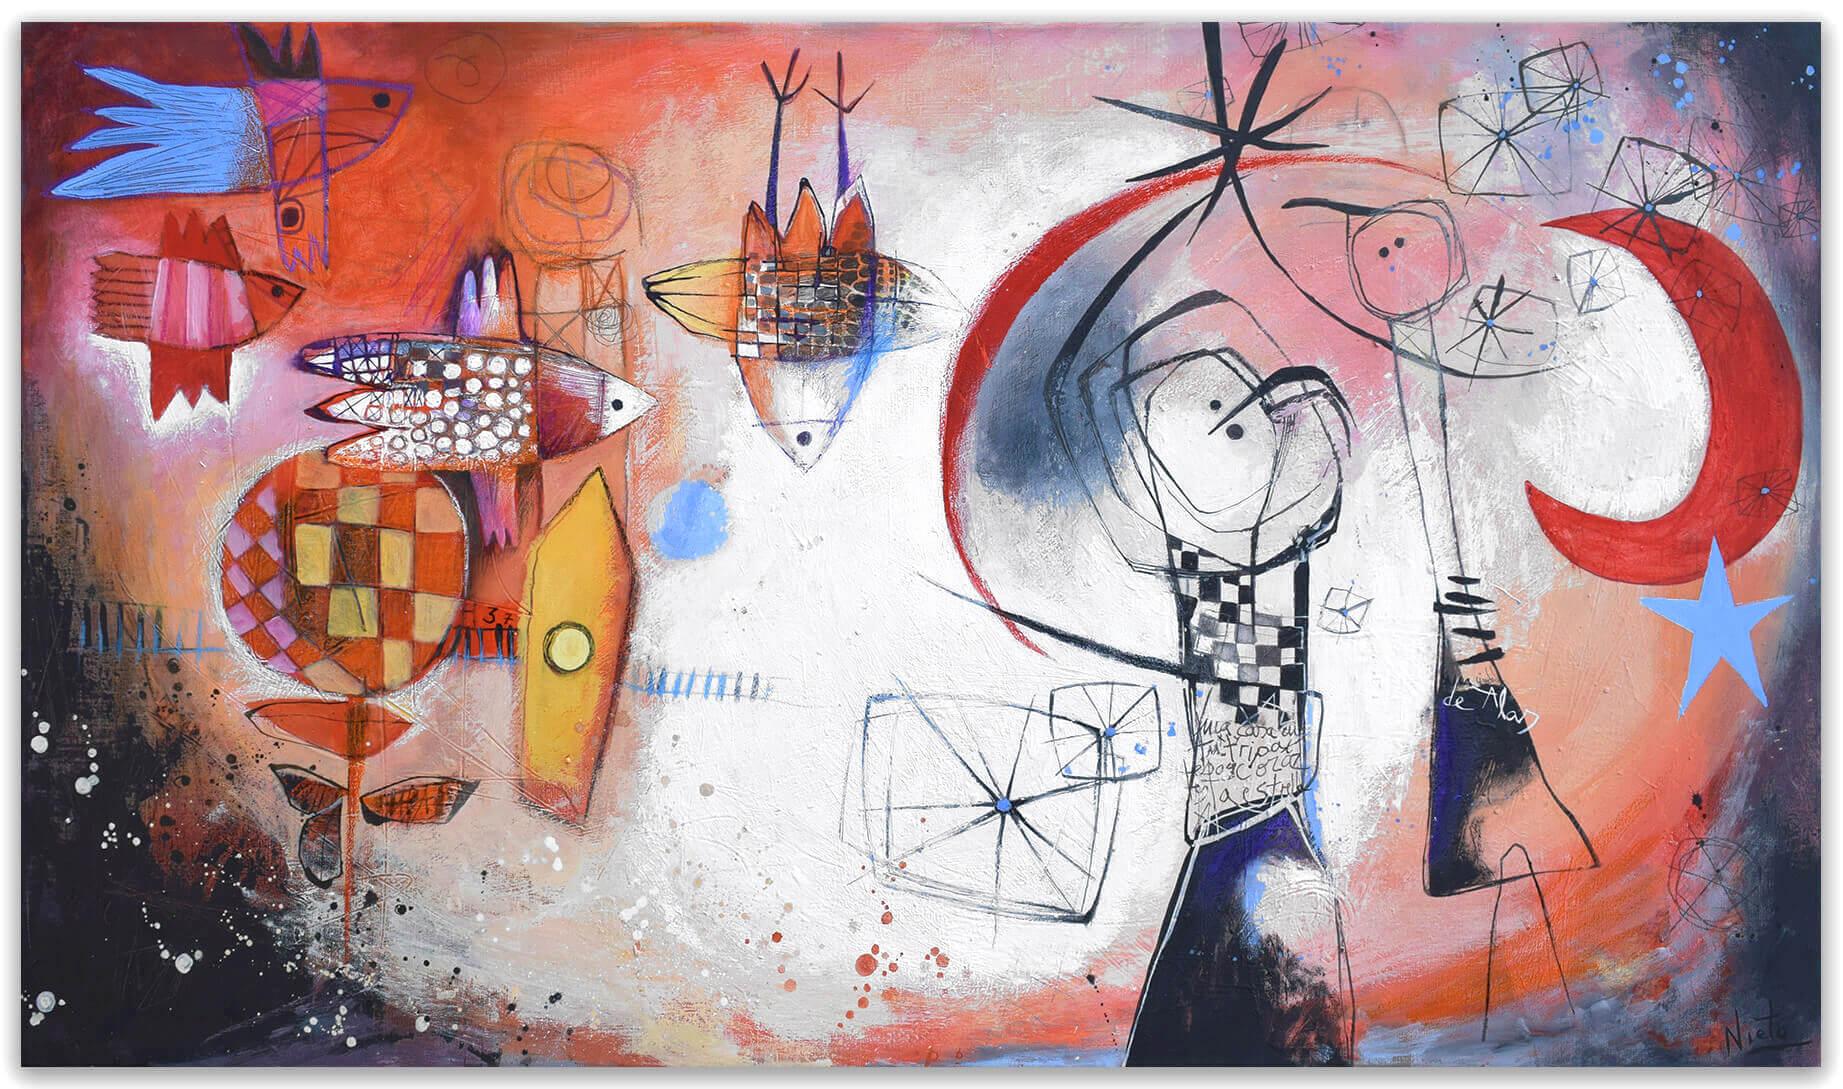 Emoción - original painting on canvas by Angeles Nieto